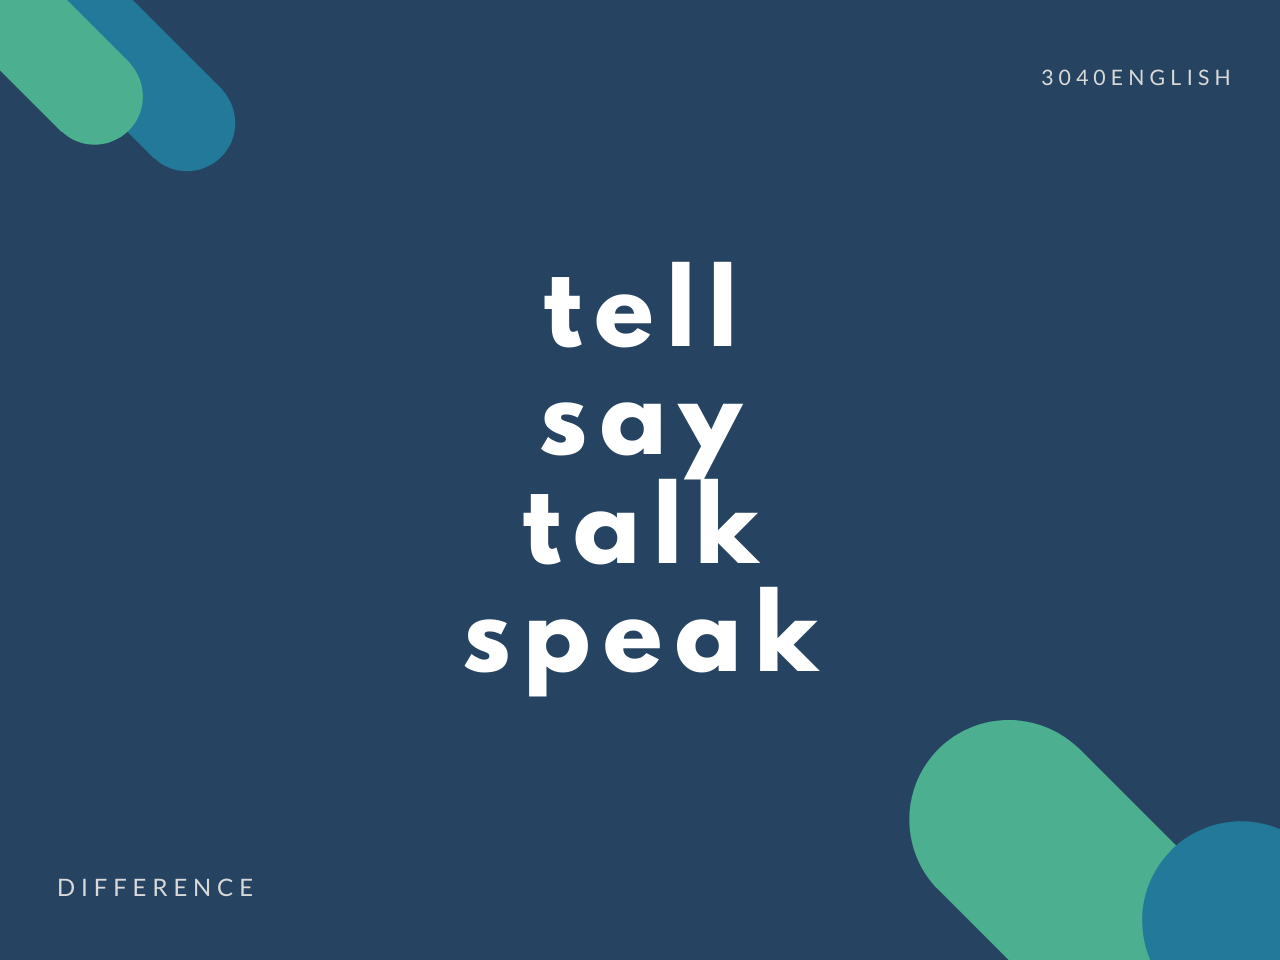 【言う?話す?】speak, talk, tell, say の違いとは?【例文あり】